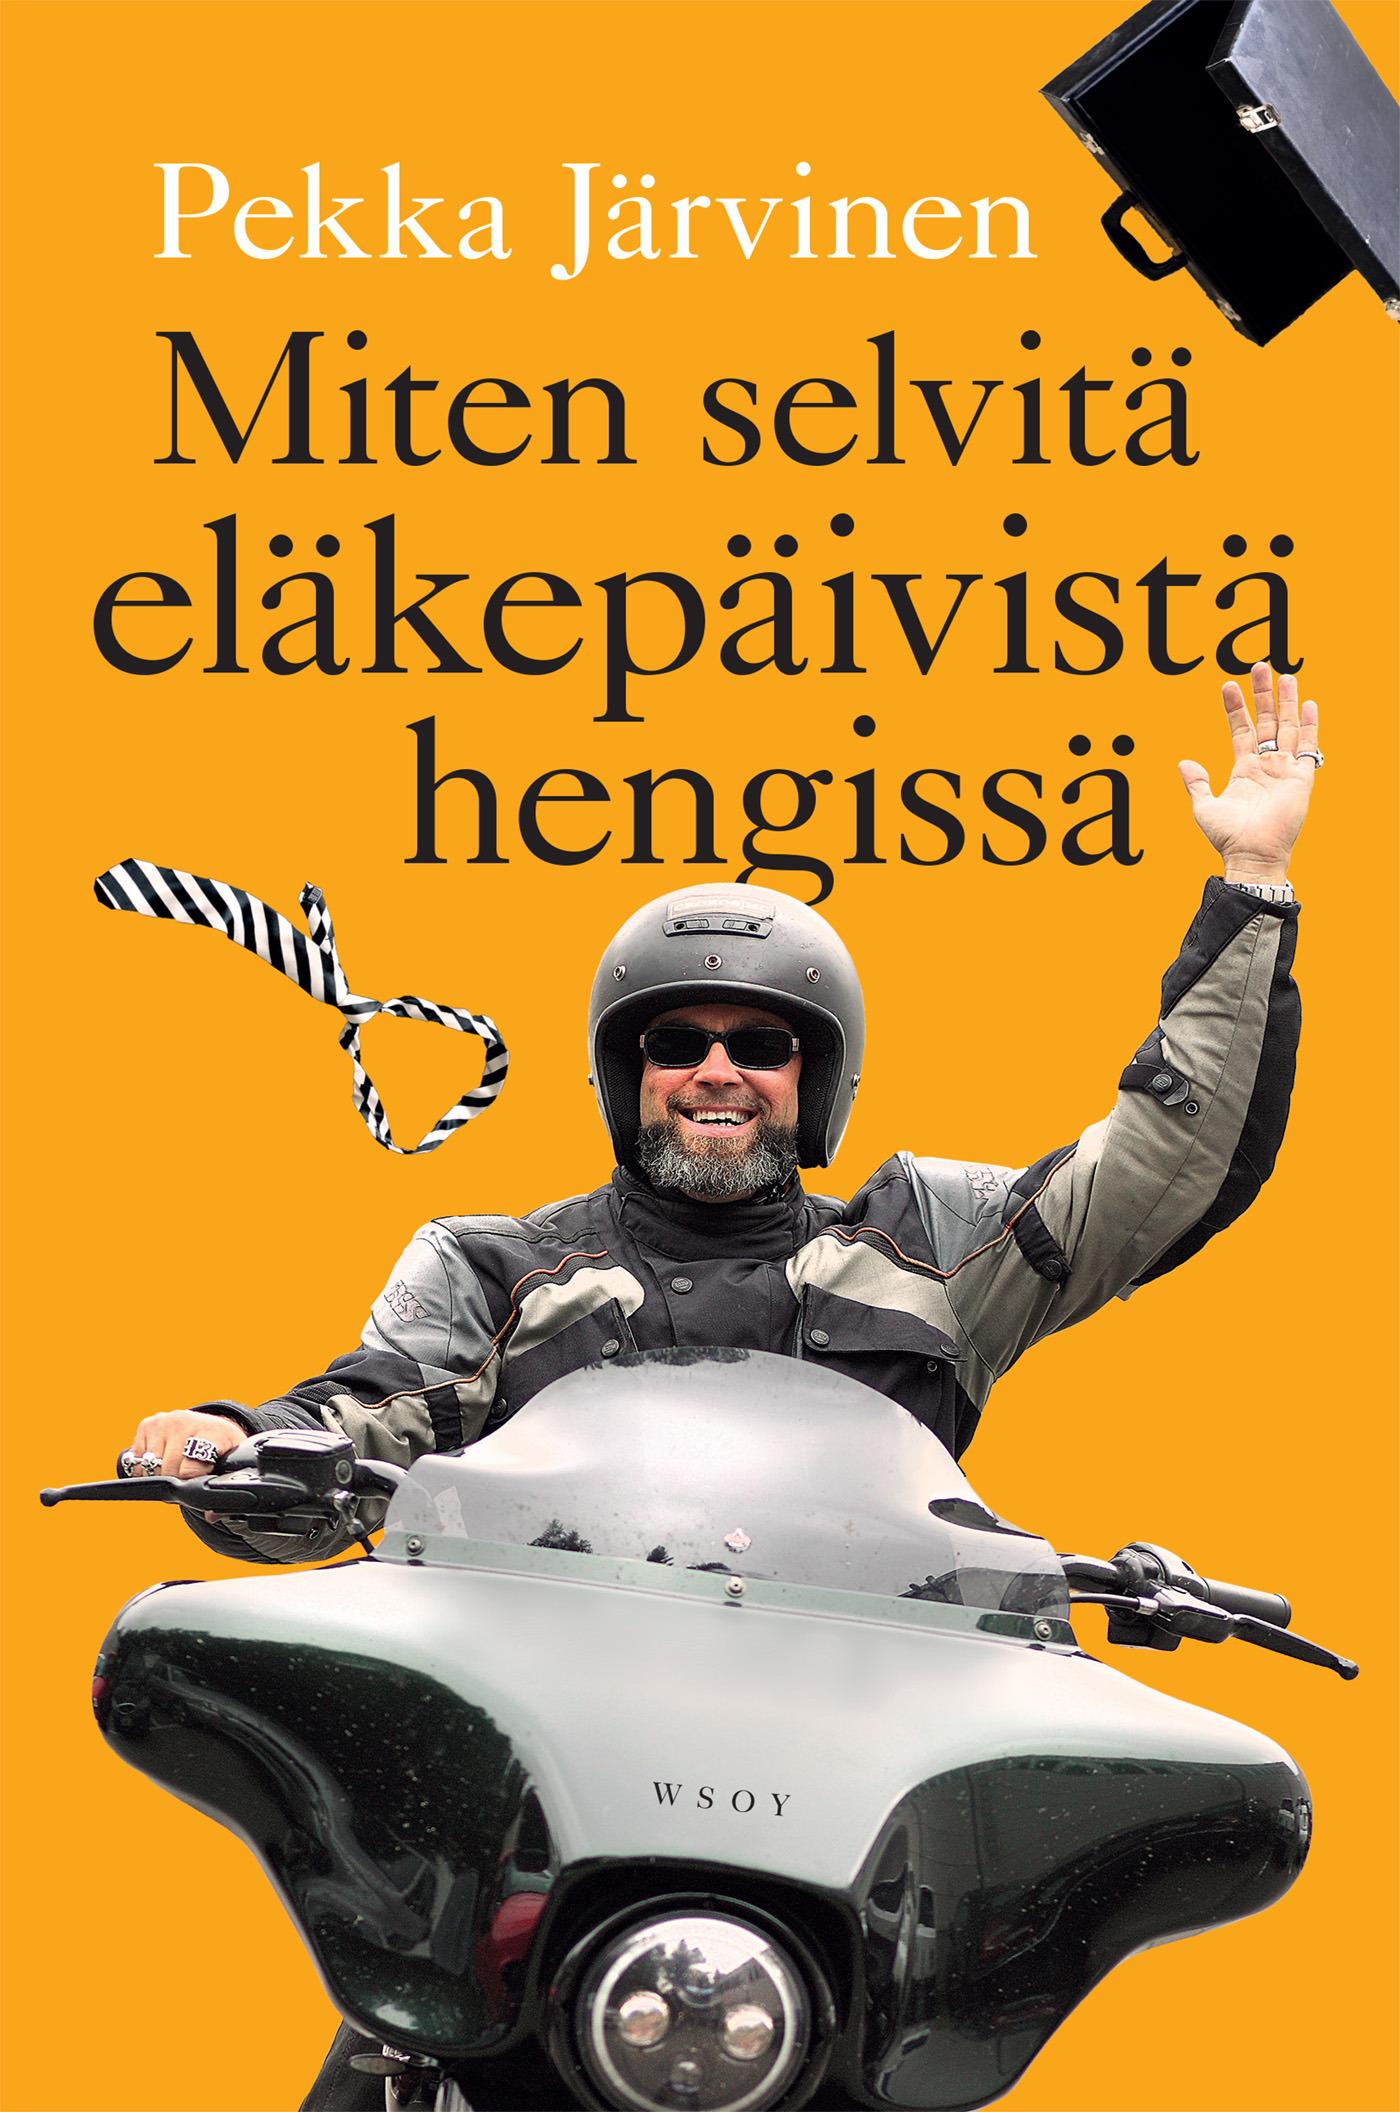 Järvinen, Pekka - Miten selvitä eläkepäivistä hengissä, ebook